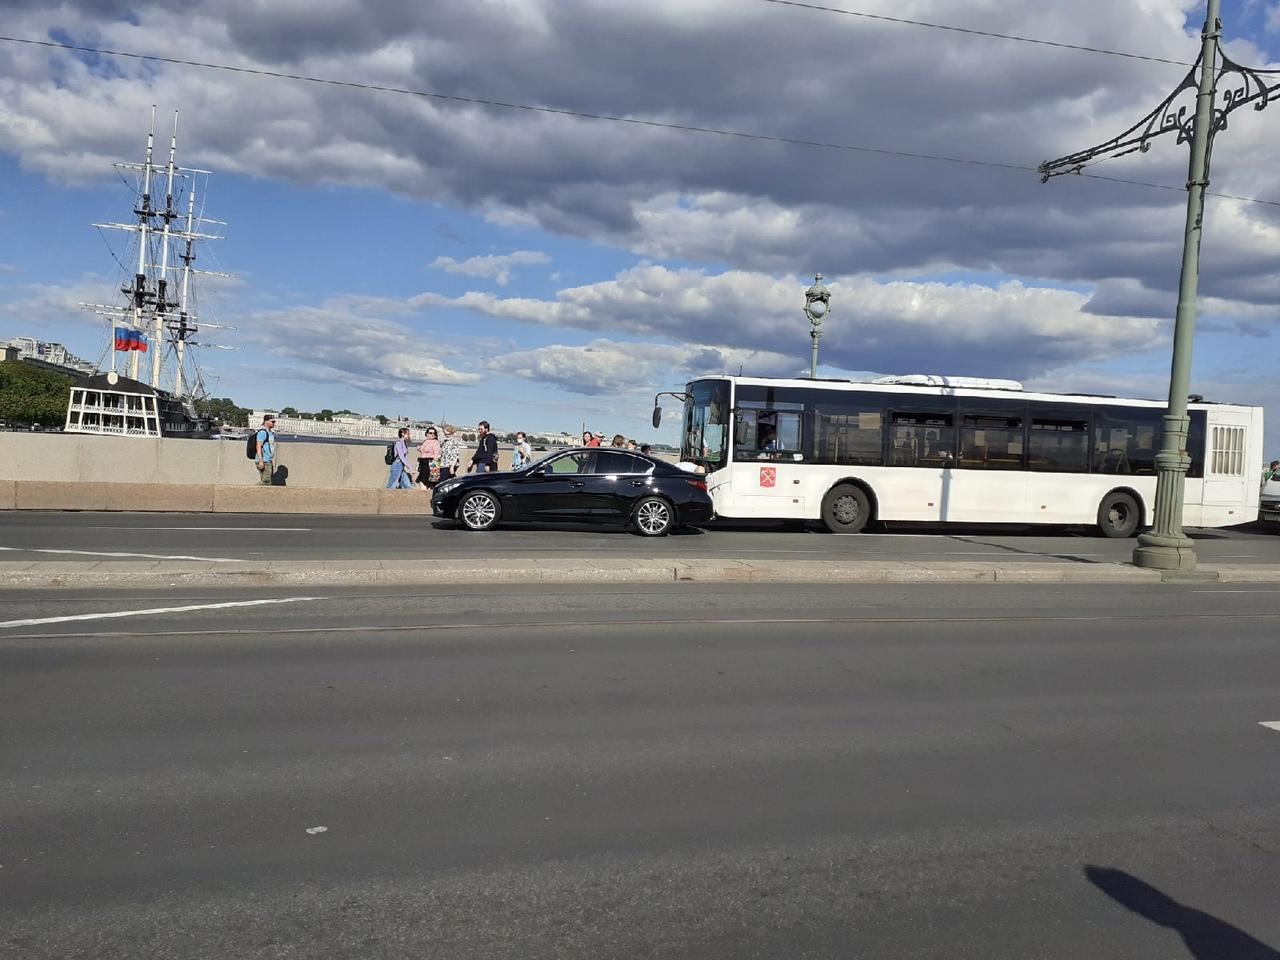 Гуляли по Троицкому мосту, услышали треск. оказалось, что там автобус не соблюдал дистанцию.